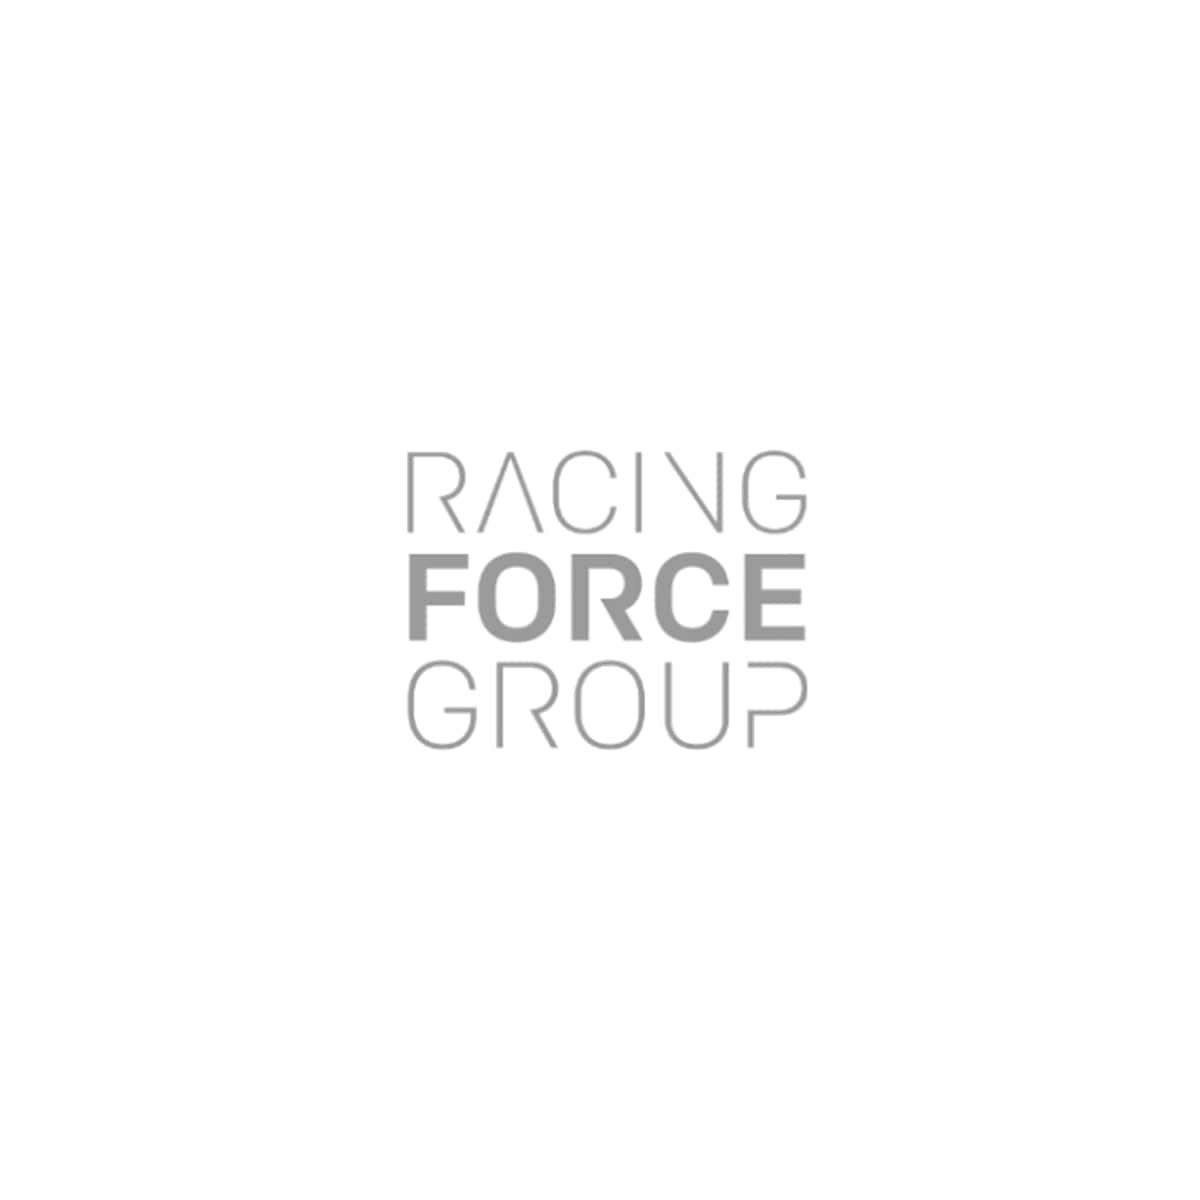 Racing Force annuncia l'intenzione di quotarsi all'AIM Italia